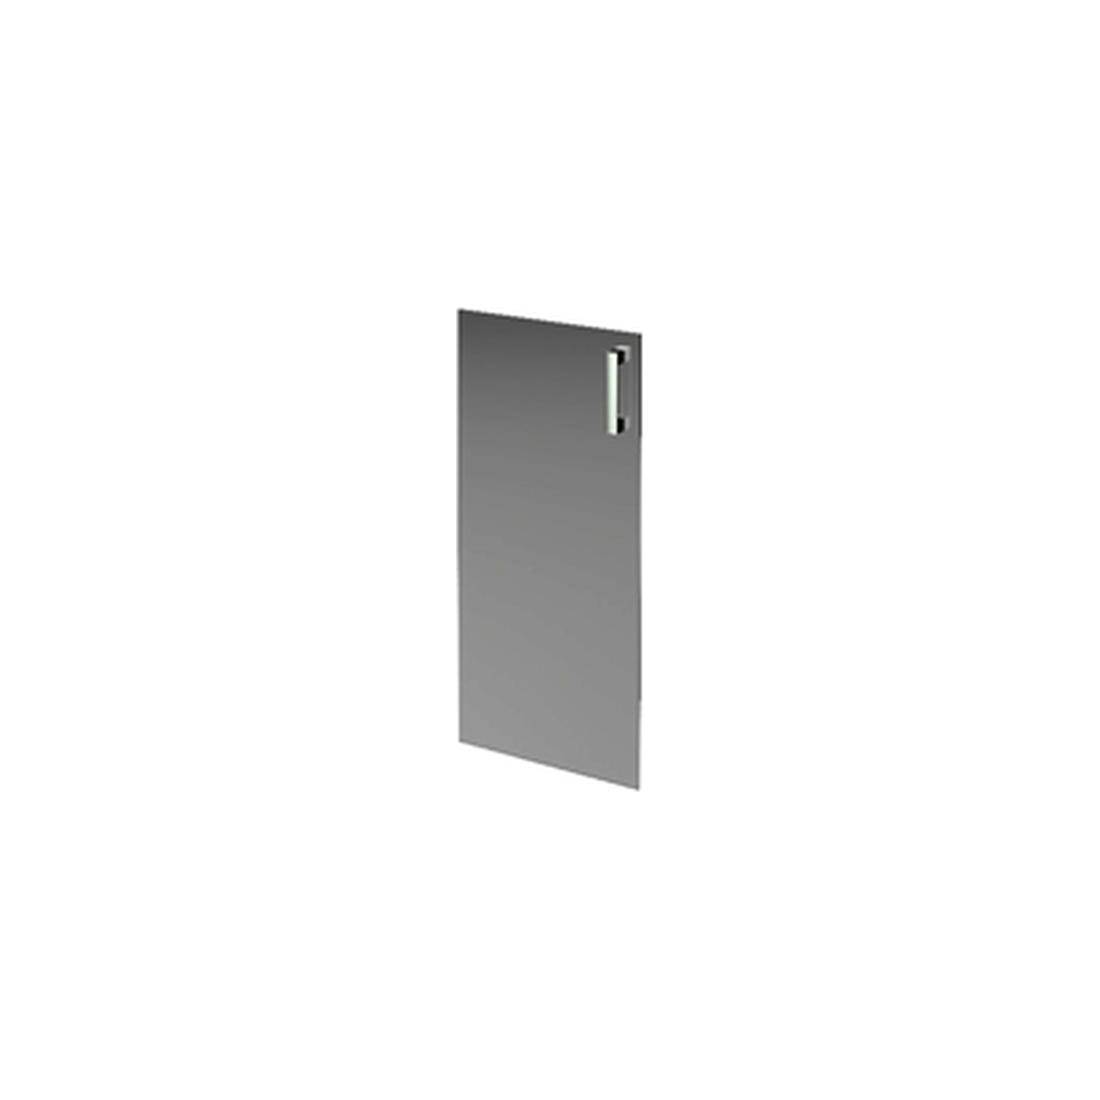 Дверь средняя стеклянная НТ-601.С.Ф